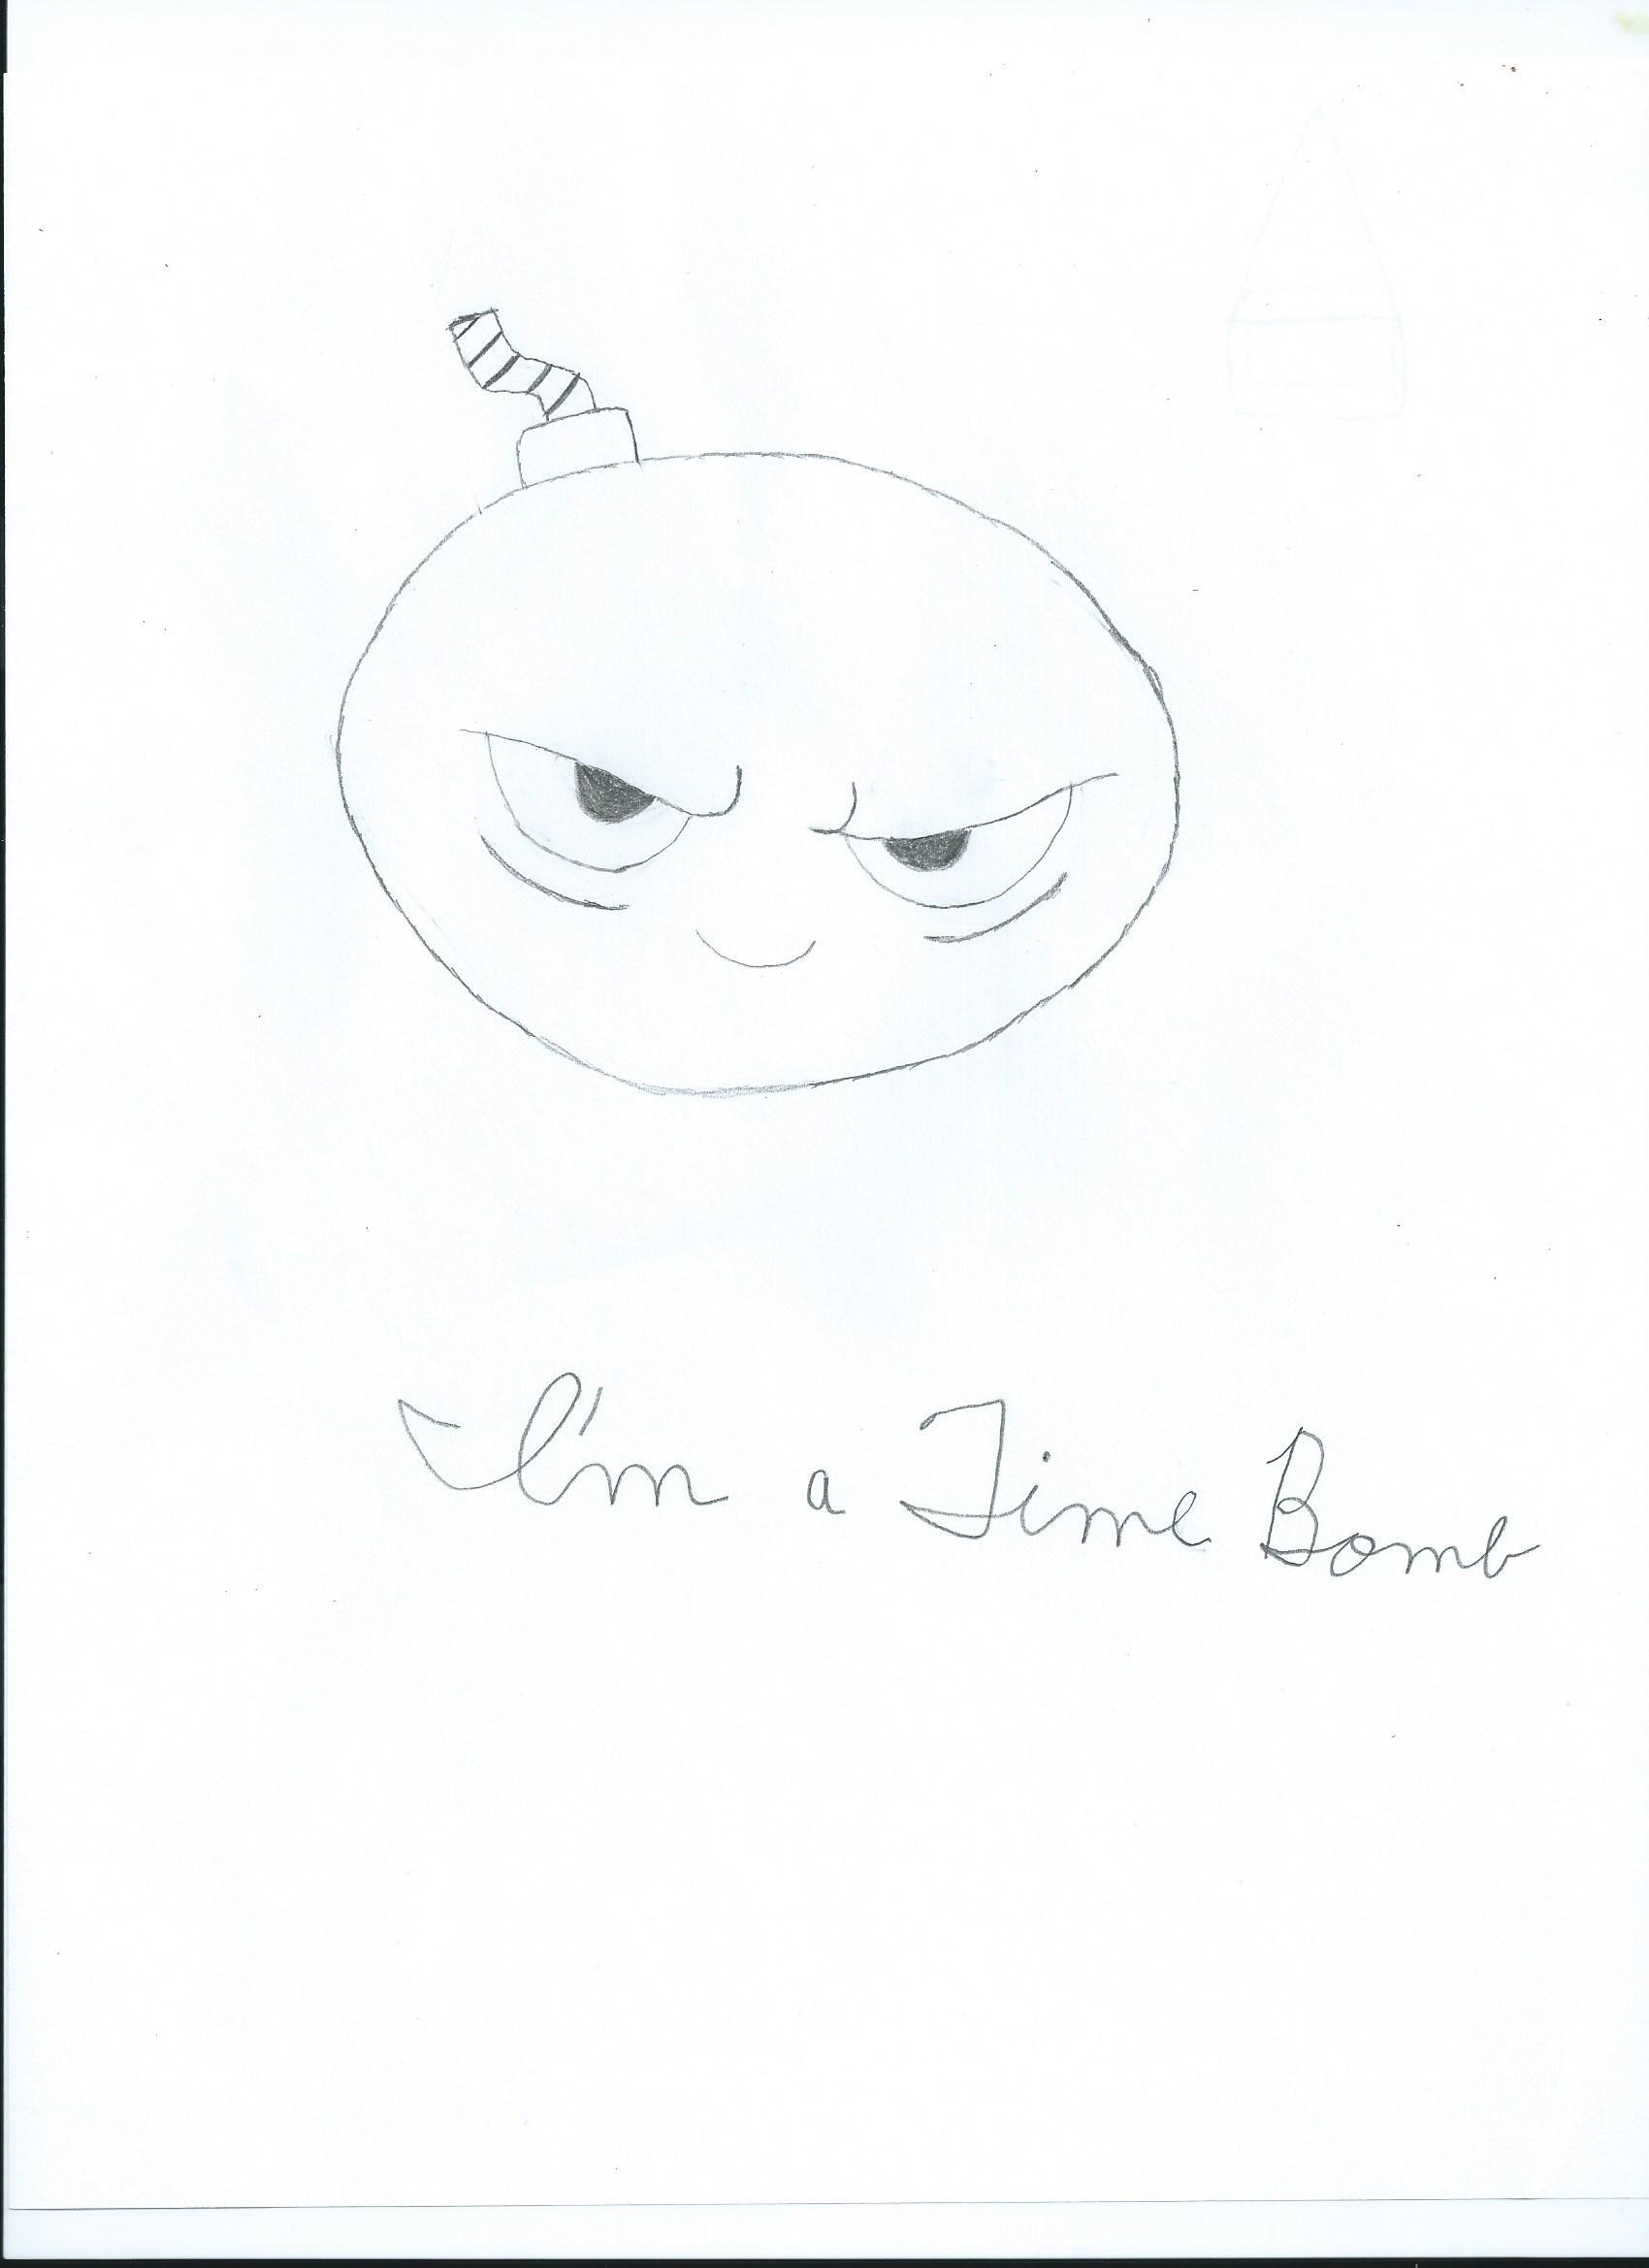 Bomb Guy